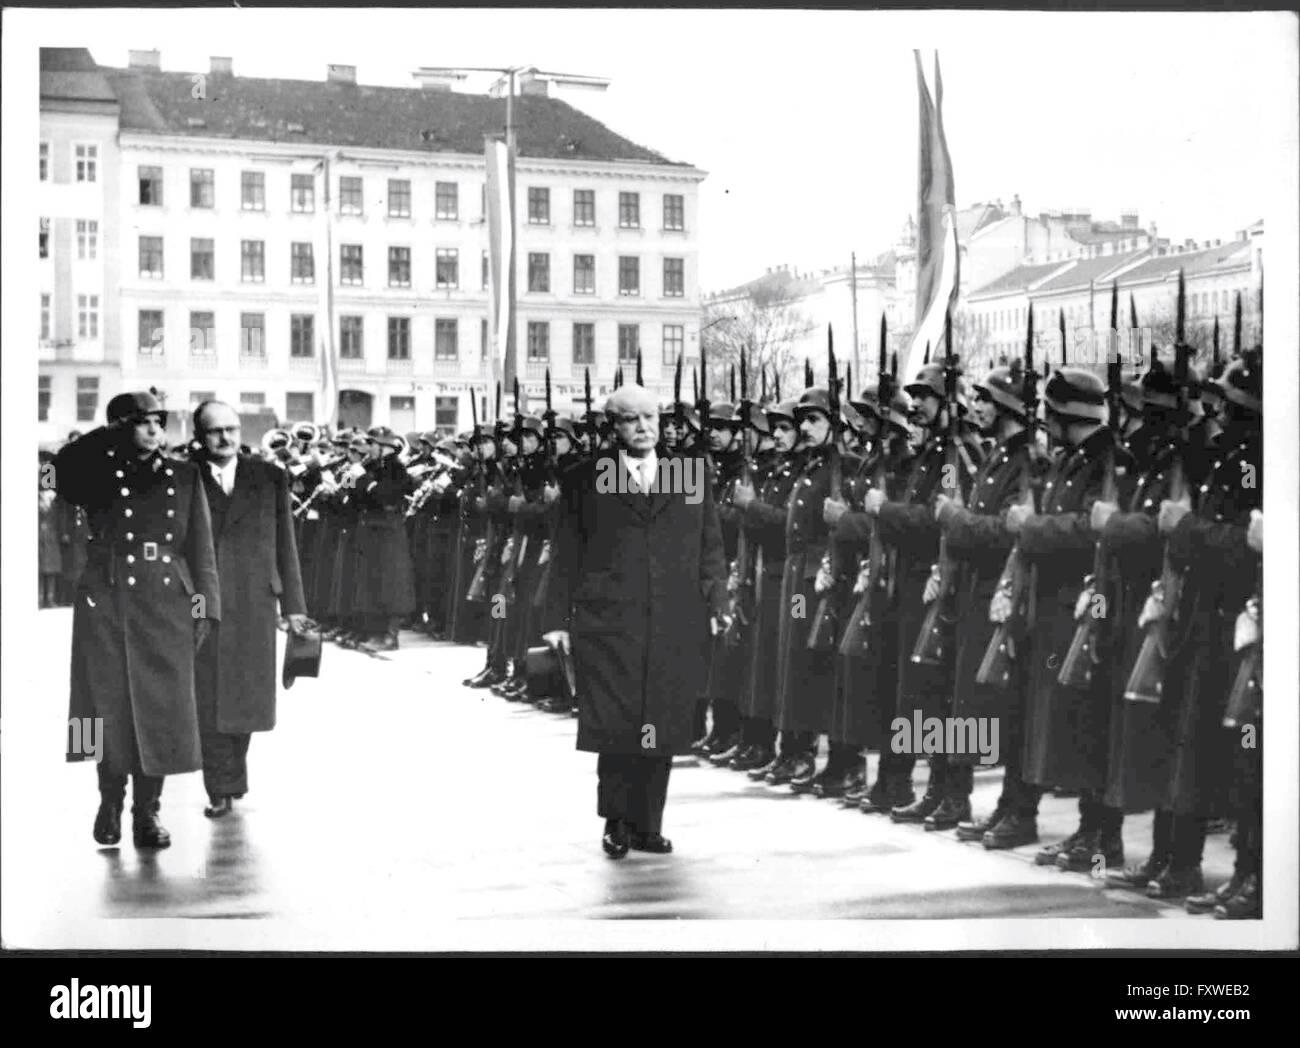 Ankunft des Regierungspräsidenten von Luxemburg Joseph Bech - Stock Image